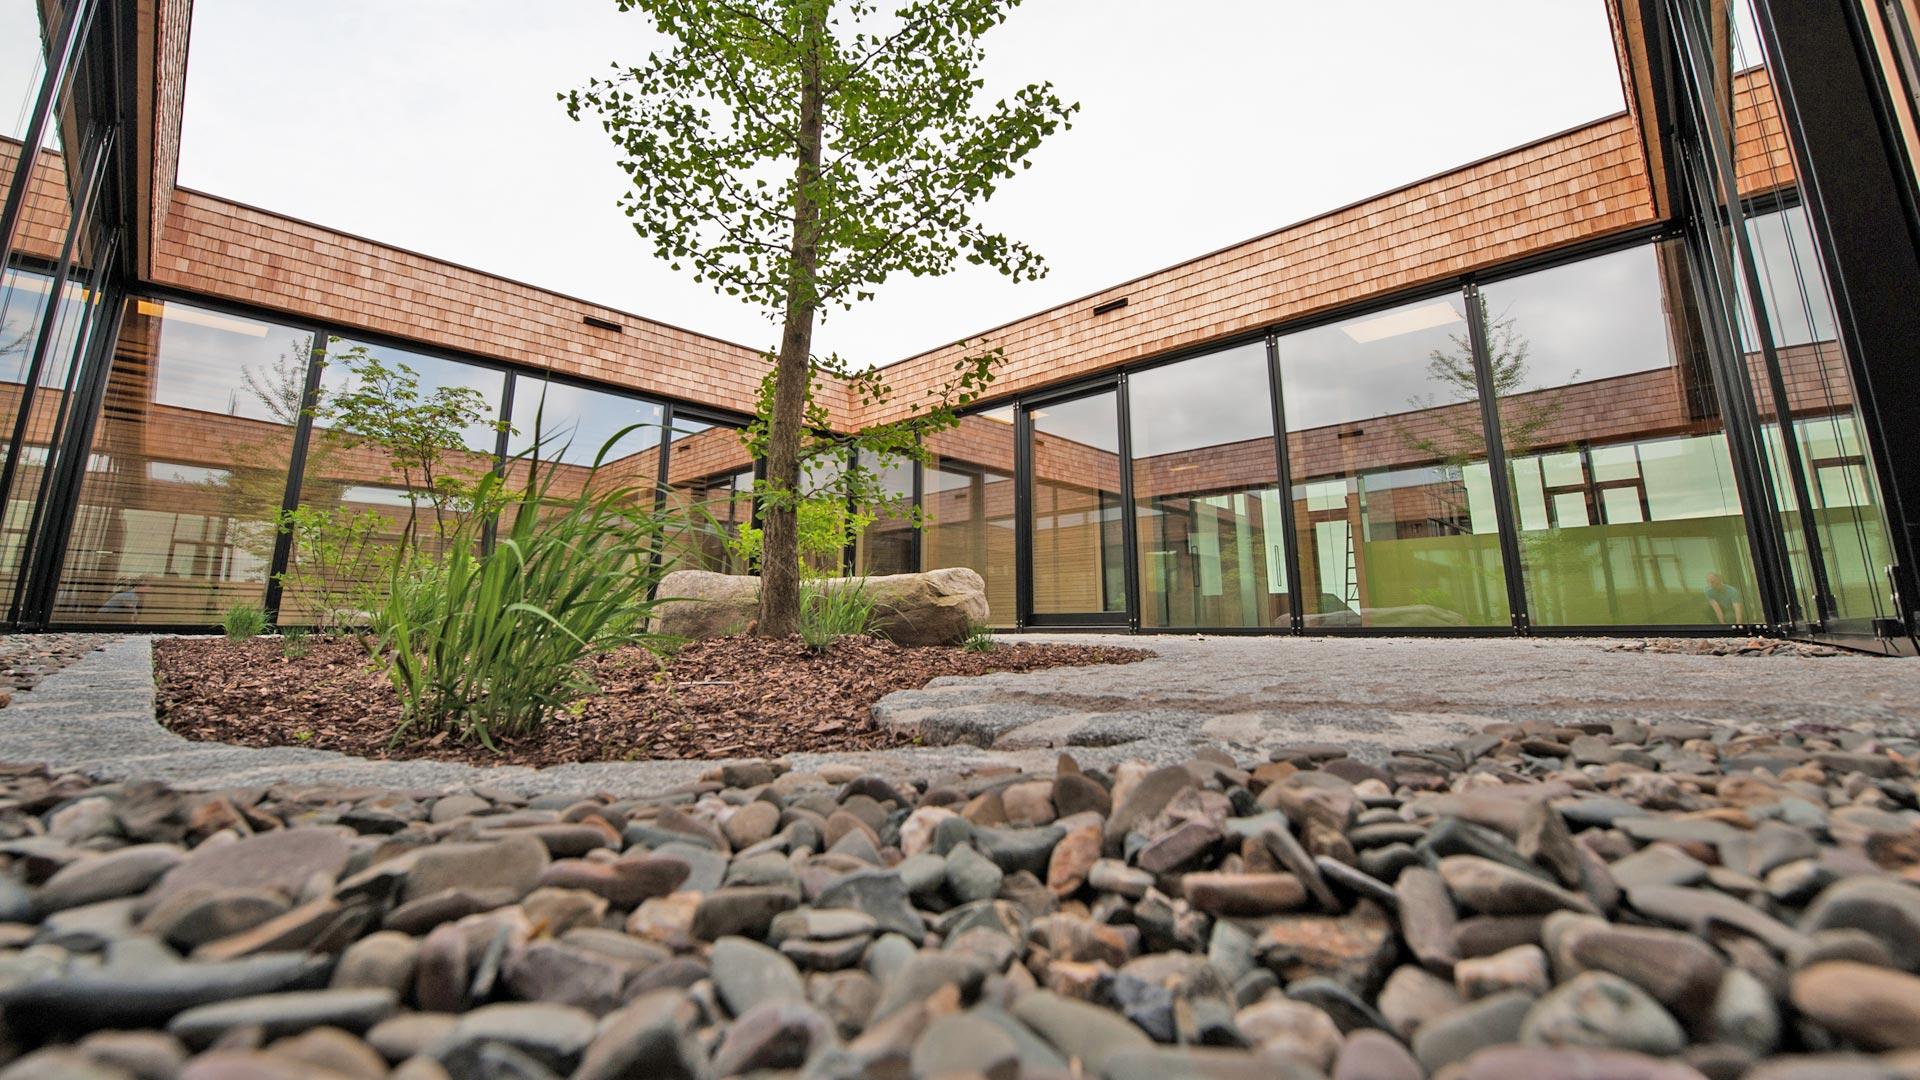 Gestaltung des Innenhofs eines Firmengebäudes nach Feng Shui und Geomantie mit Naturstein und Bepflanzung durch das Architekturbüro atelier8 in Frankfurt